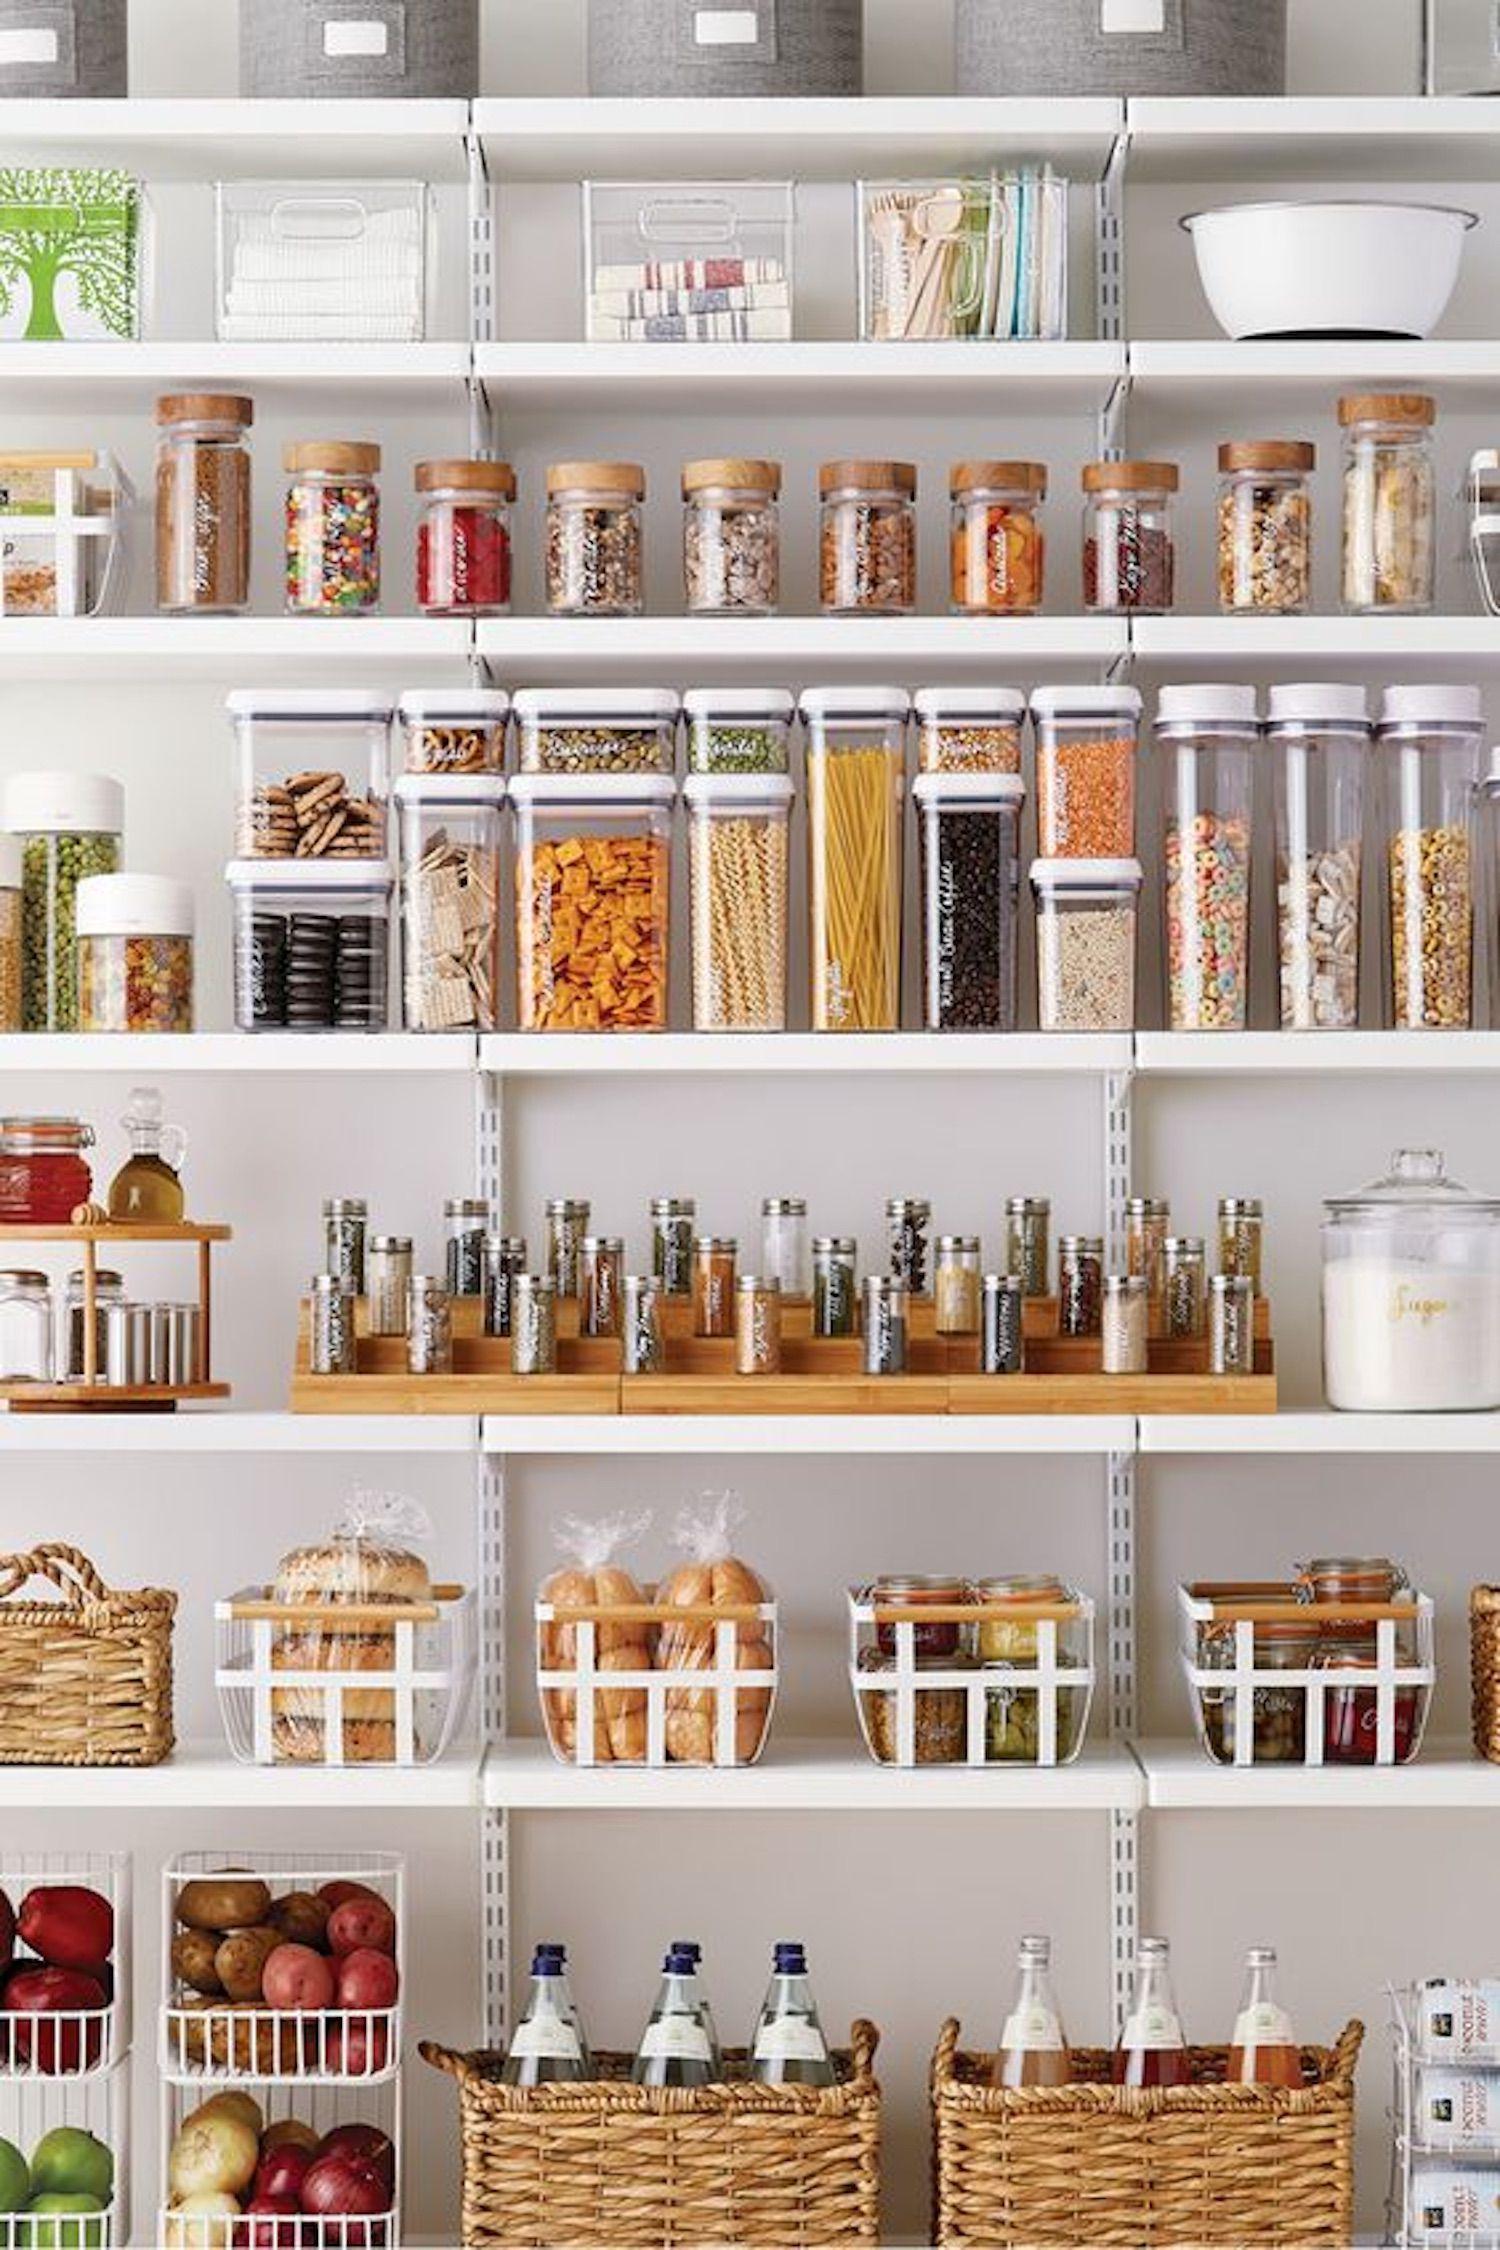 Consejos Para Organizar La Despensa Mi Casa No Es De Muñecas Blog Y Asesoría Online Estantes De Cocina Abiertos Estantes Para Cocina Organización De Cocina